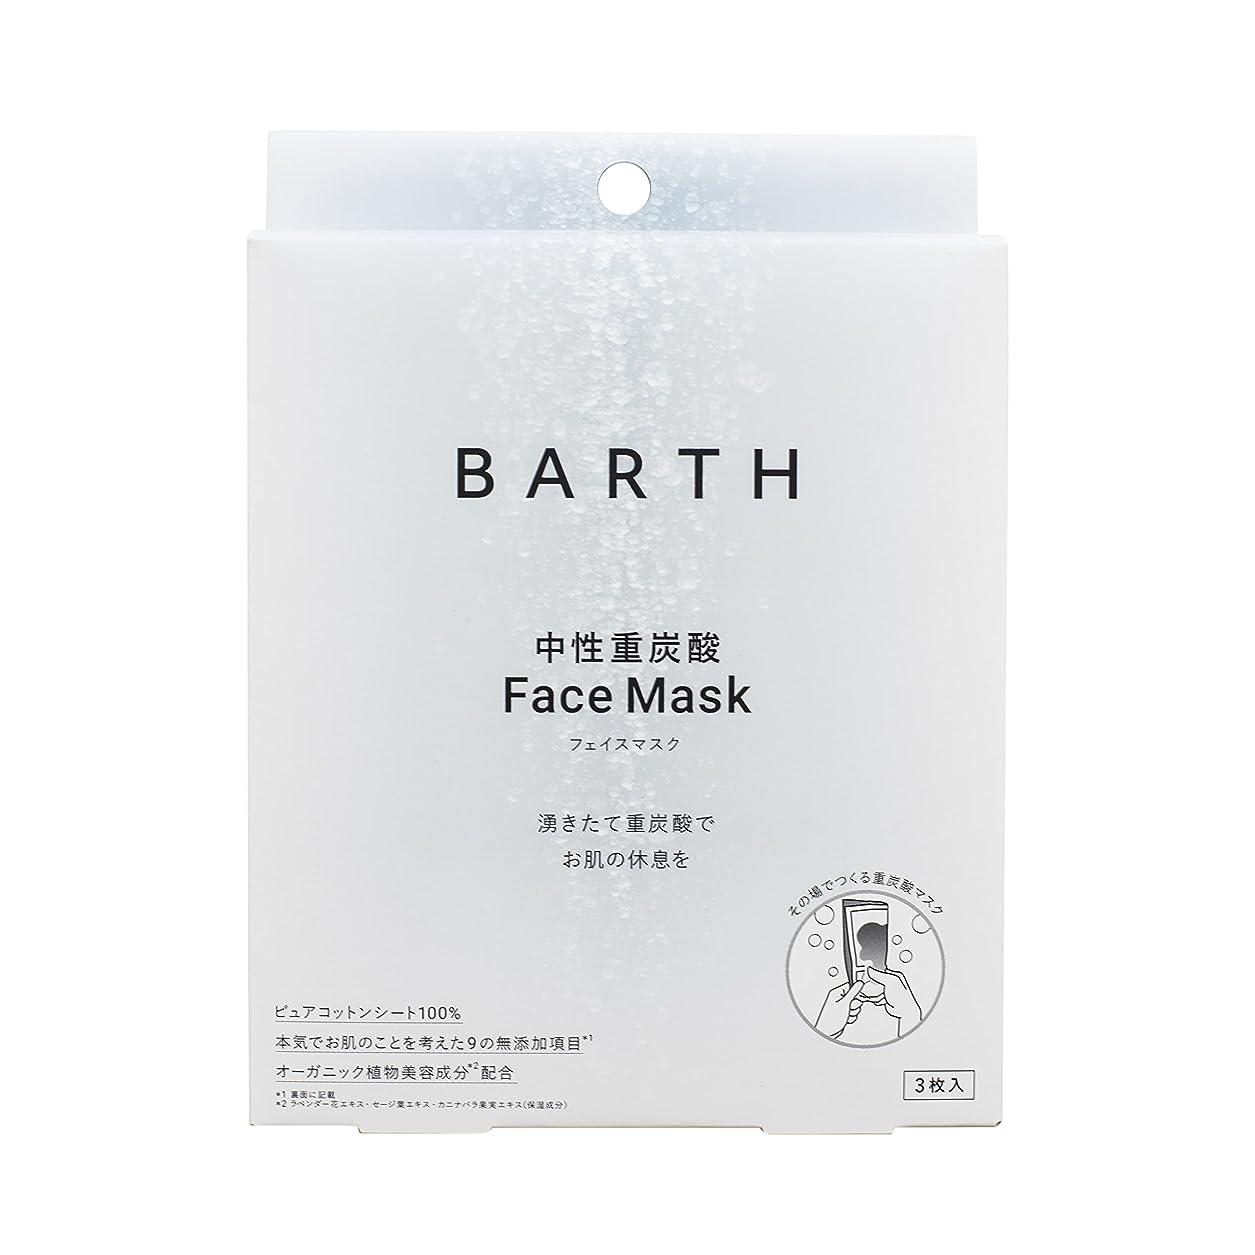 強化する脇に前書きBARTH【バース】 中性 重炭酸 フェイスマスク (無添加 日本製 ピュアコットン 100% オーガニック植物美容成分3種入り) (3包入り)